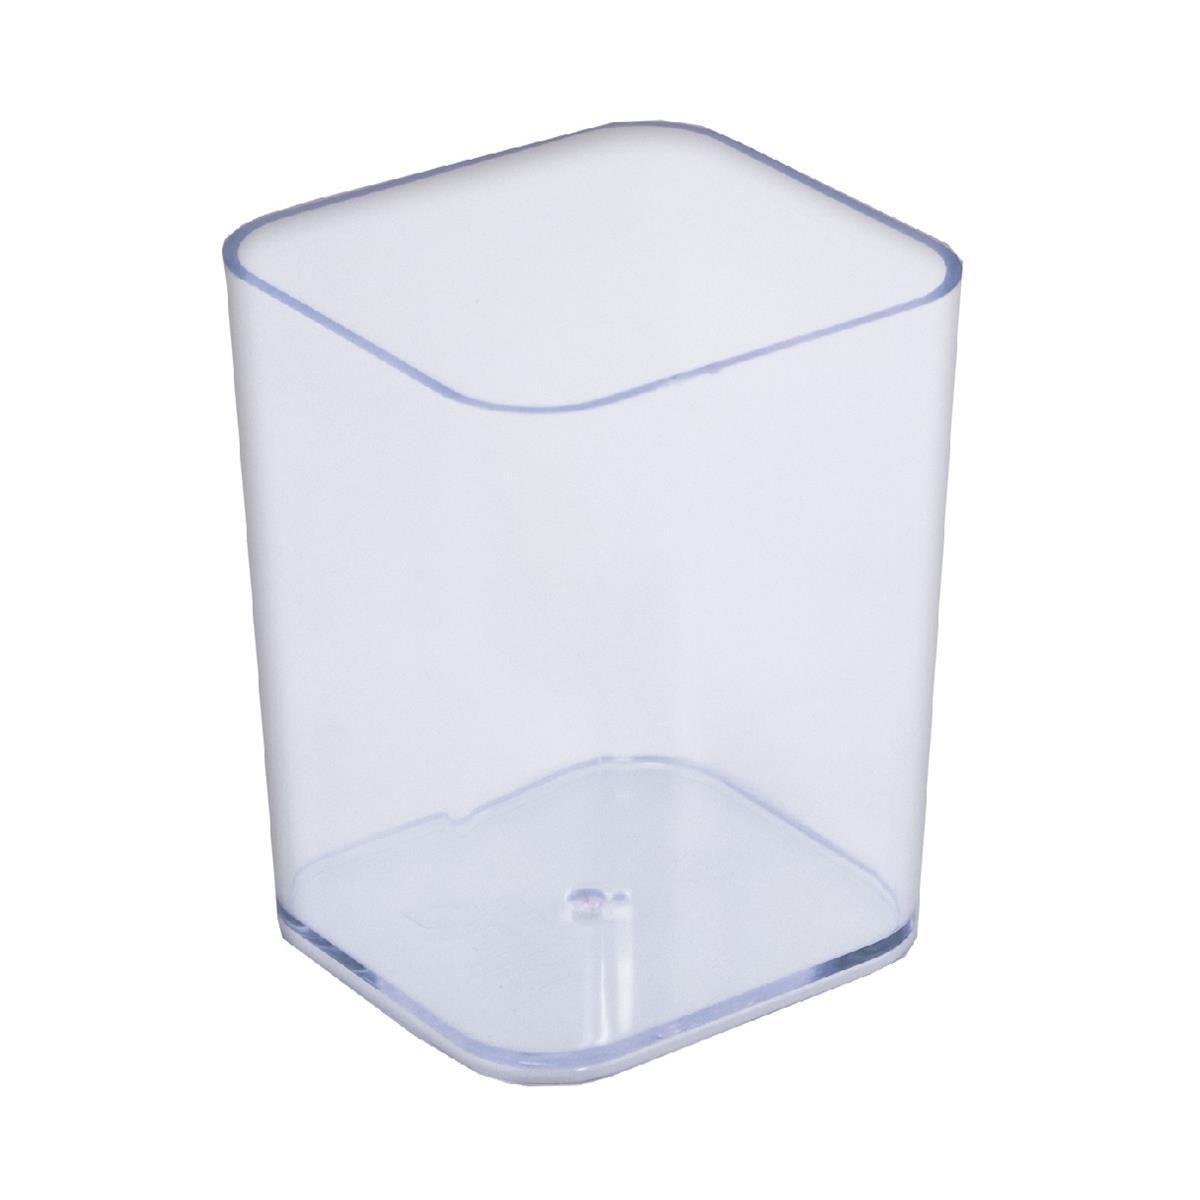 Porta Objetos Transparente - Dello